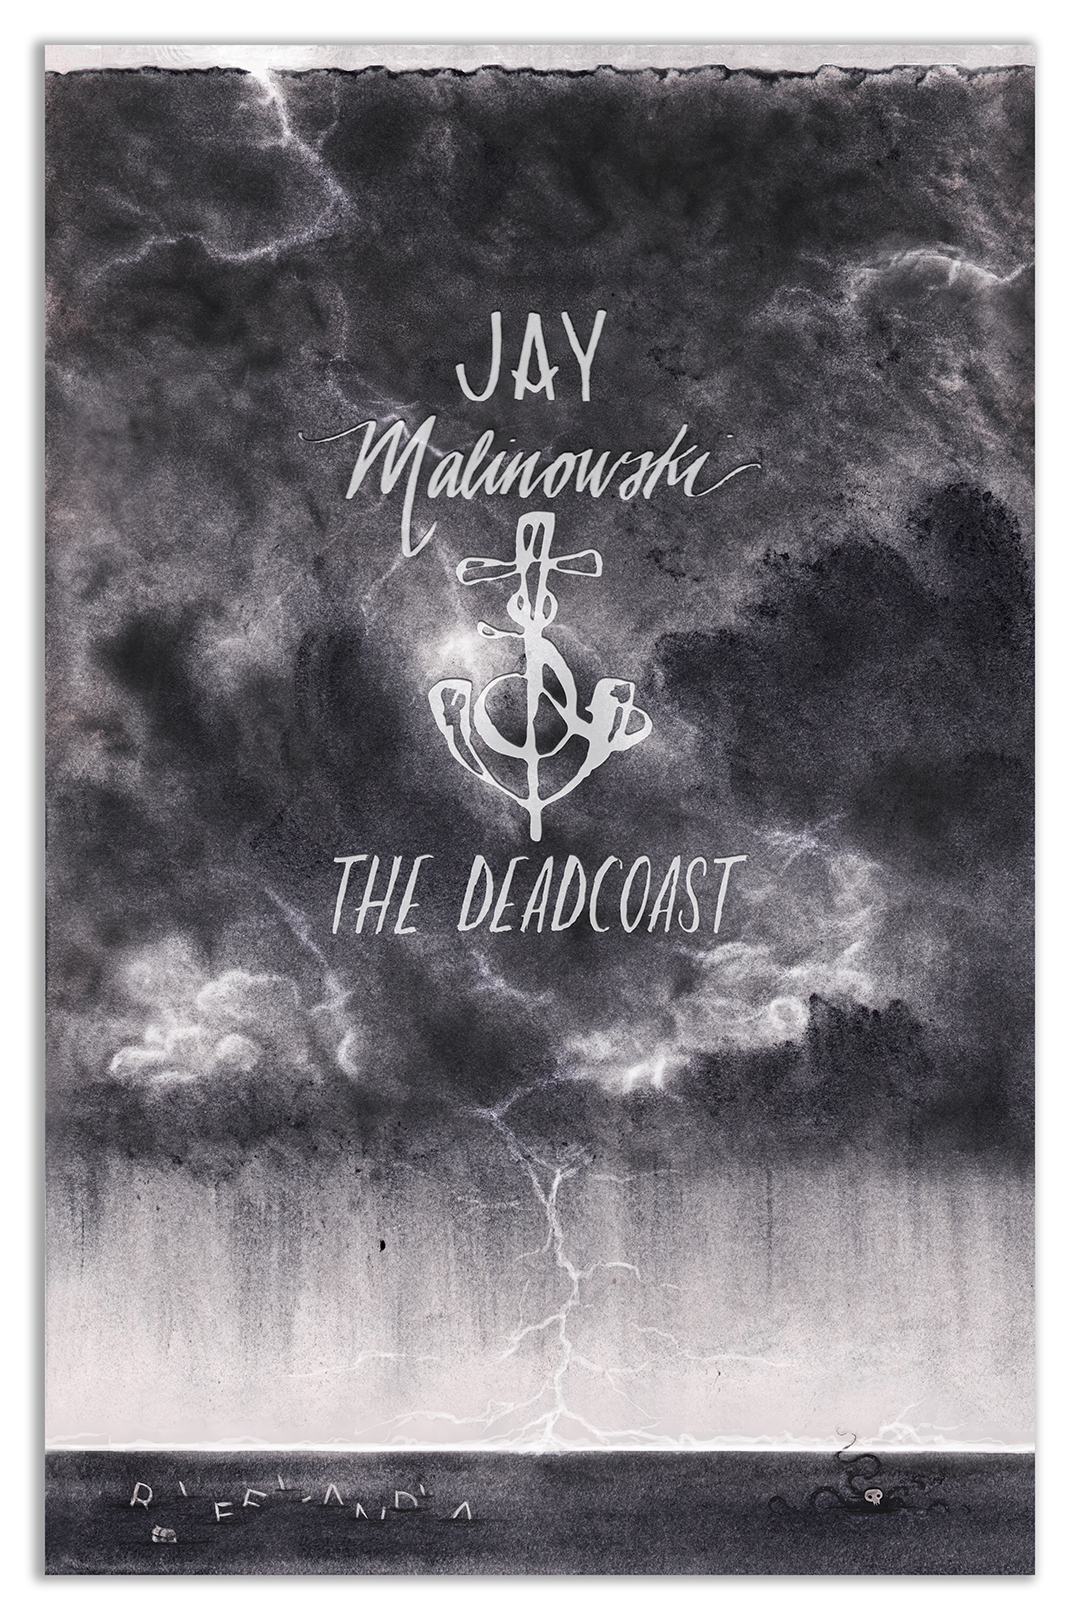 Jay Malinowski Deadcoast Poster - juicybeetle | ello